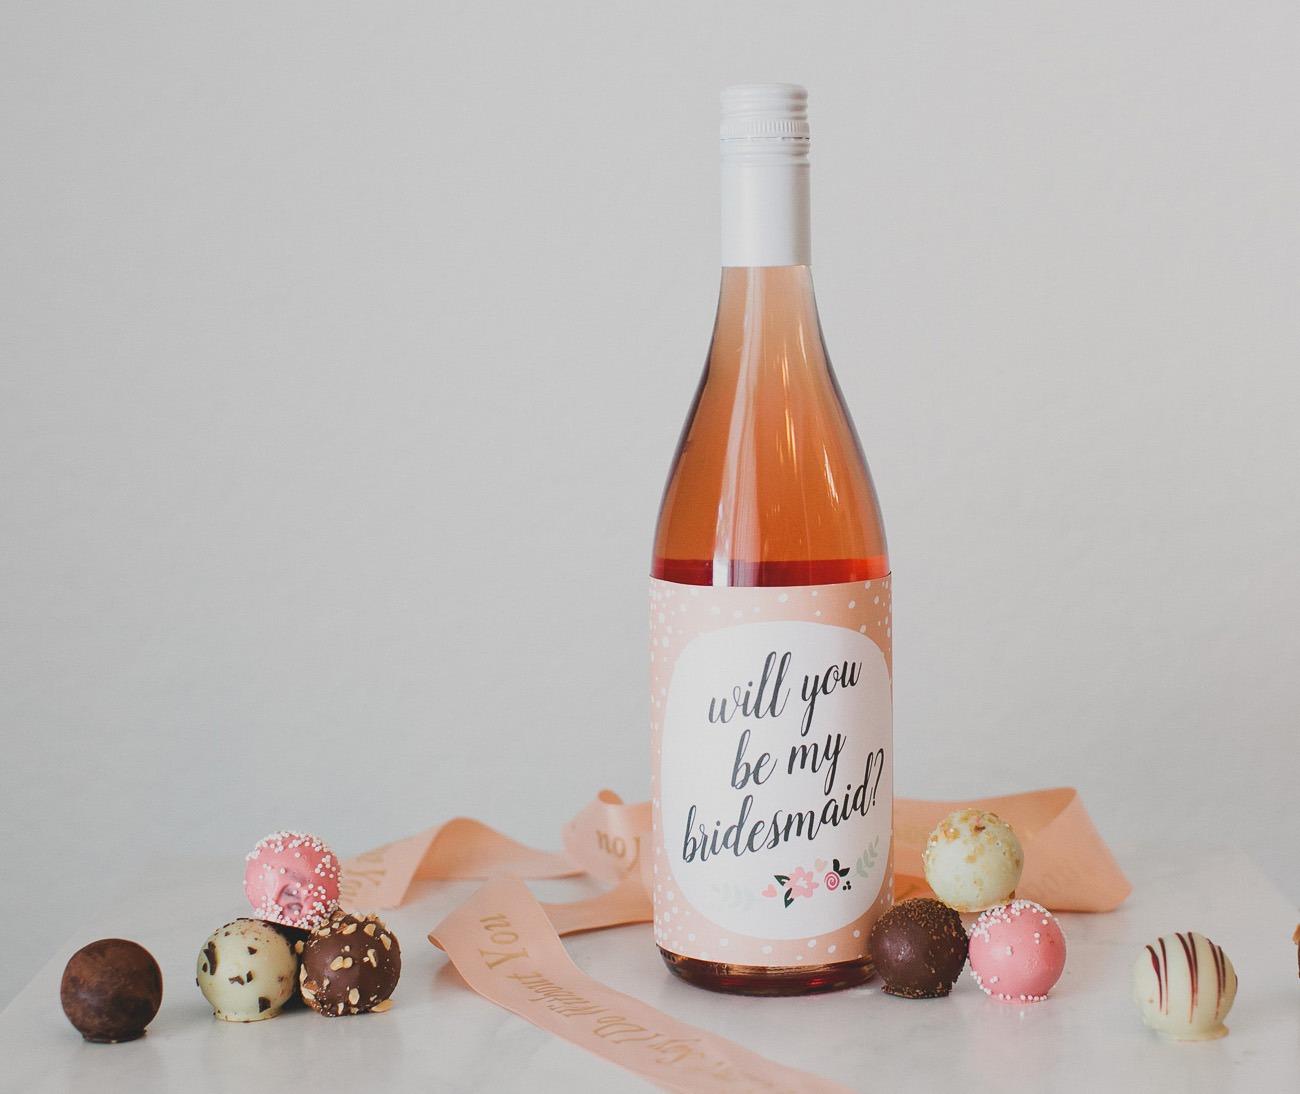 idée de cadeau de fête de mariage de vin de demoiselle d'honneur